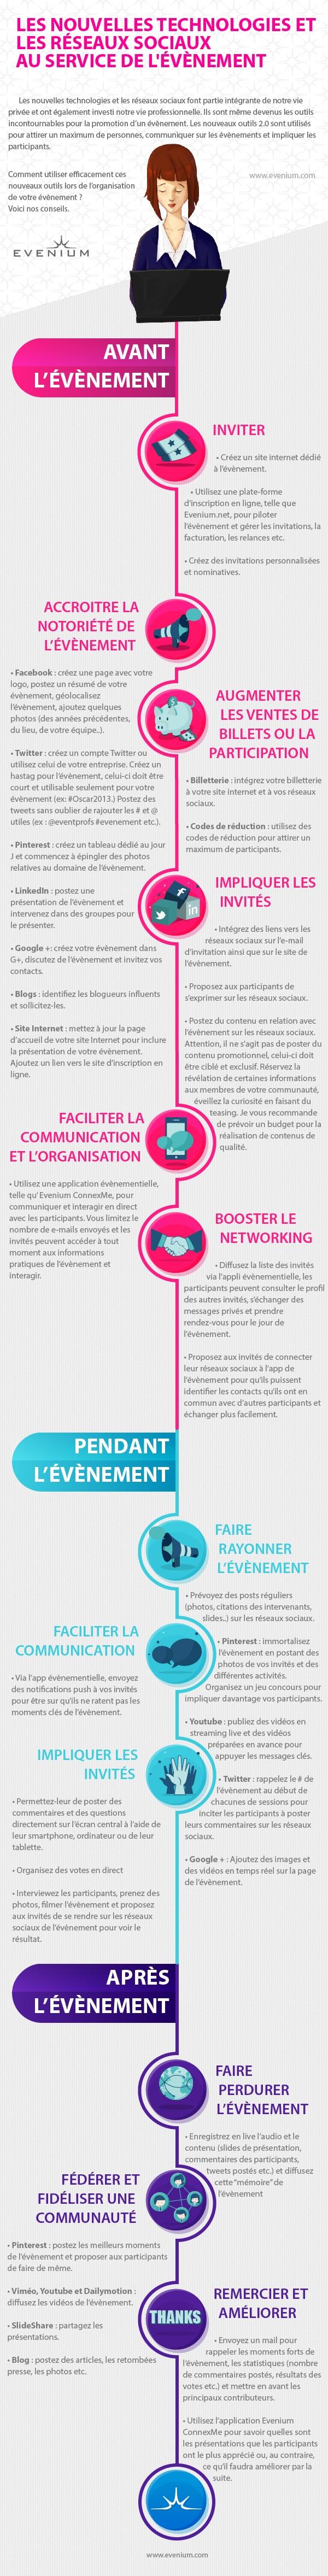 Community management et événementiel en infographie